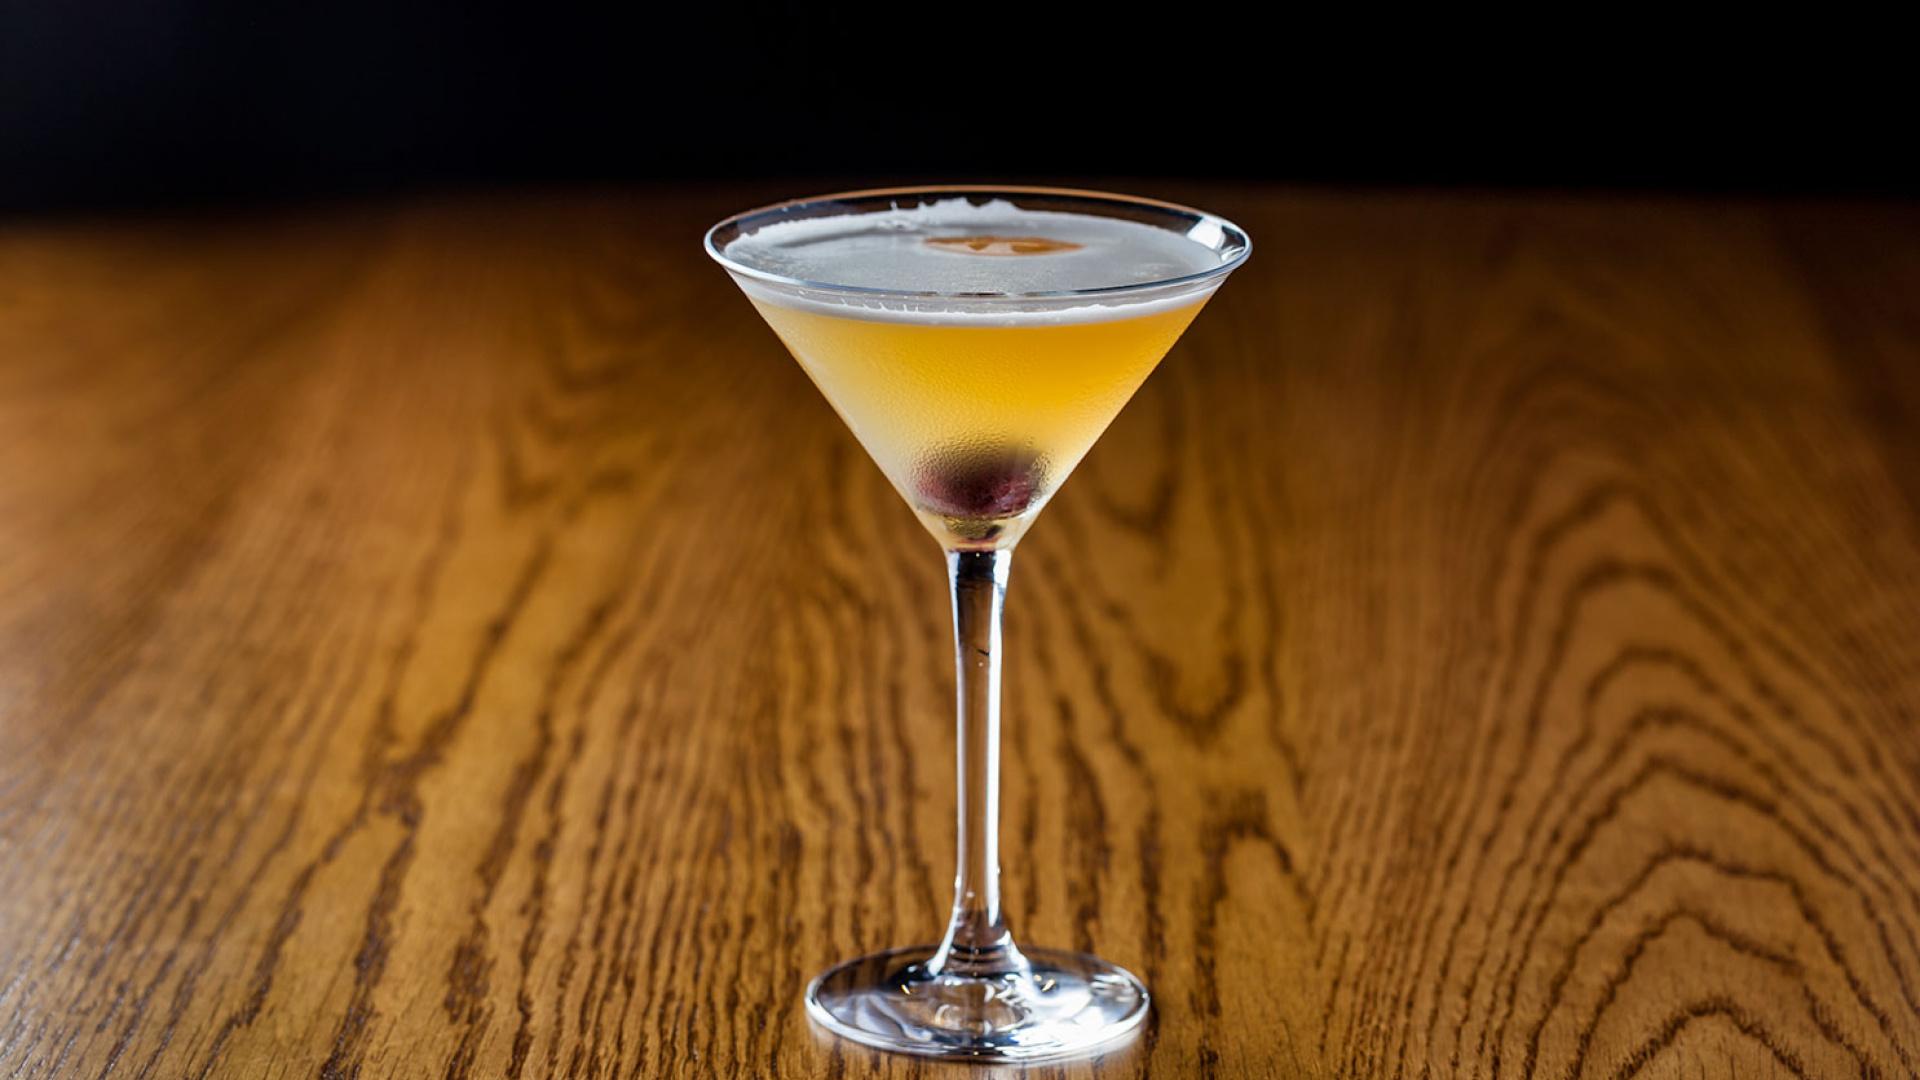 Ippudo's whisky sour using Hakushu whisky